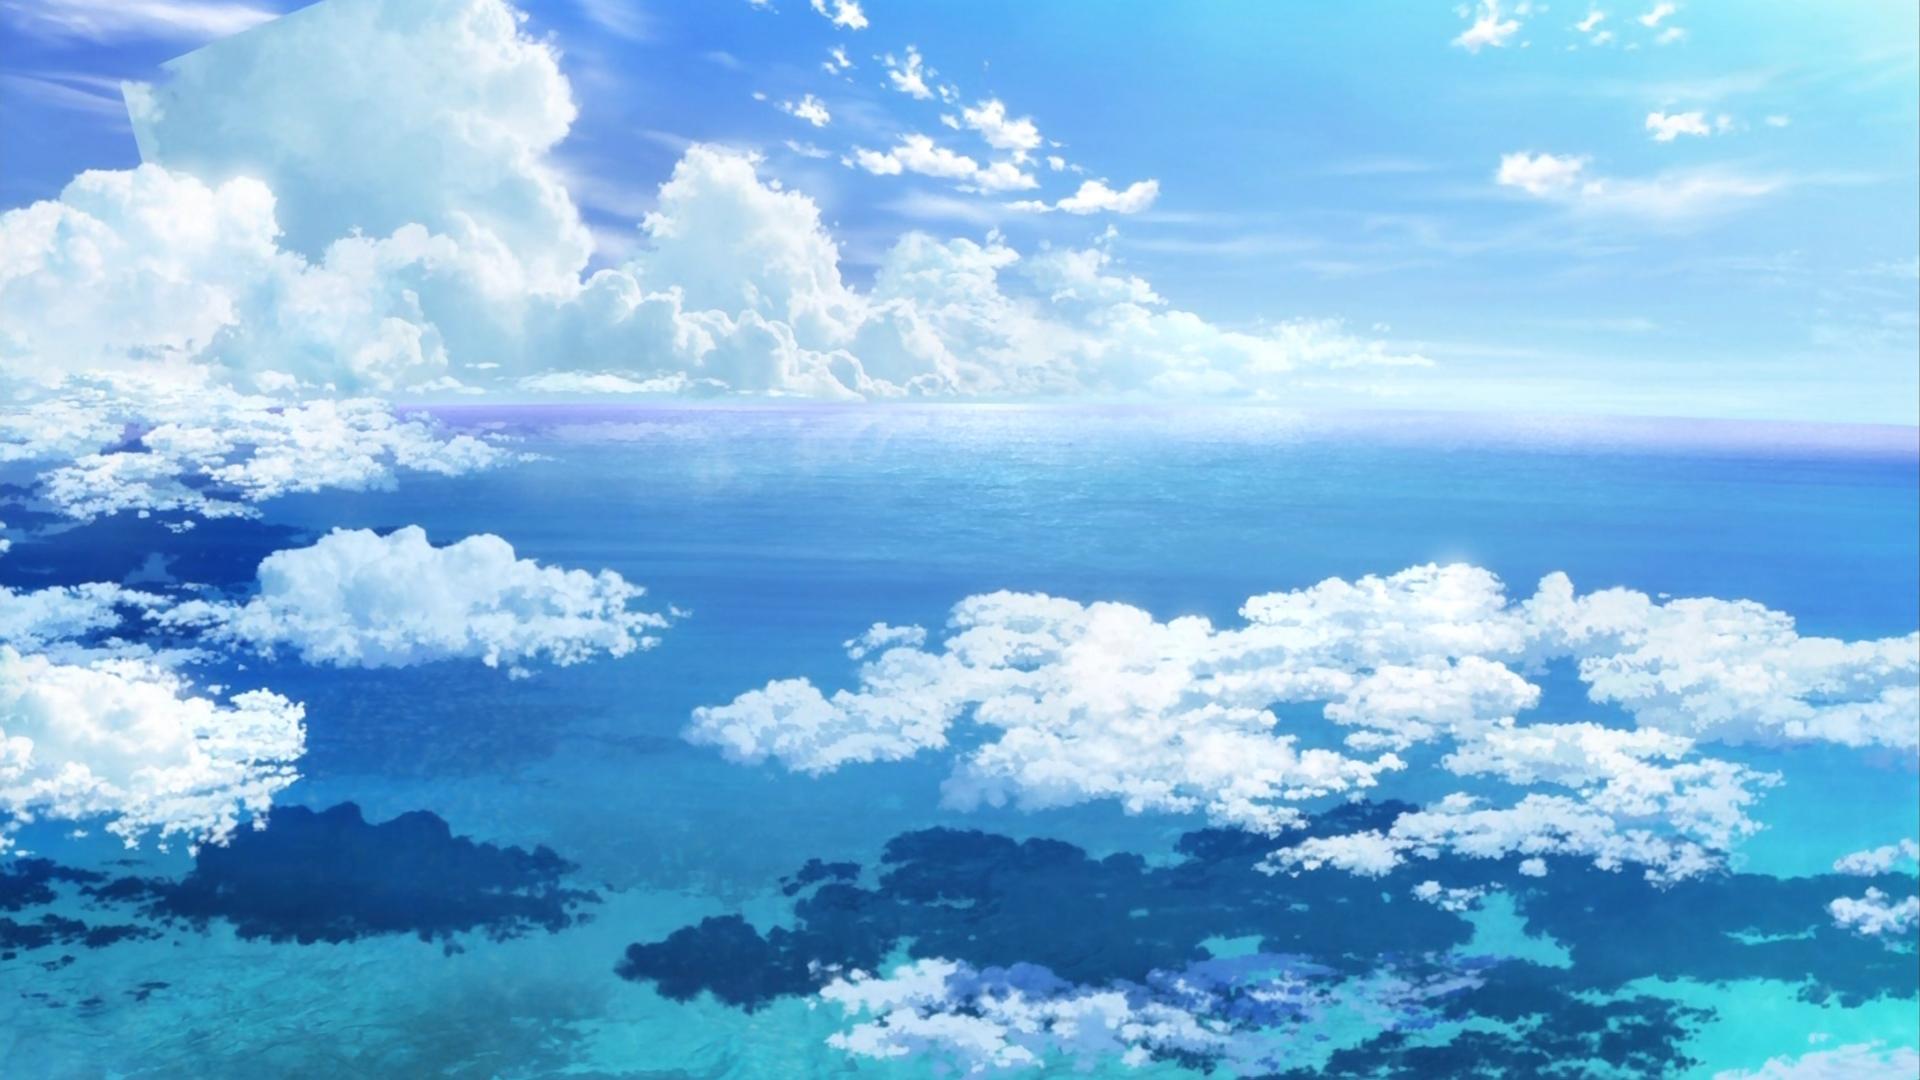 skyscape wallpaper 36198